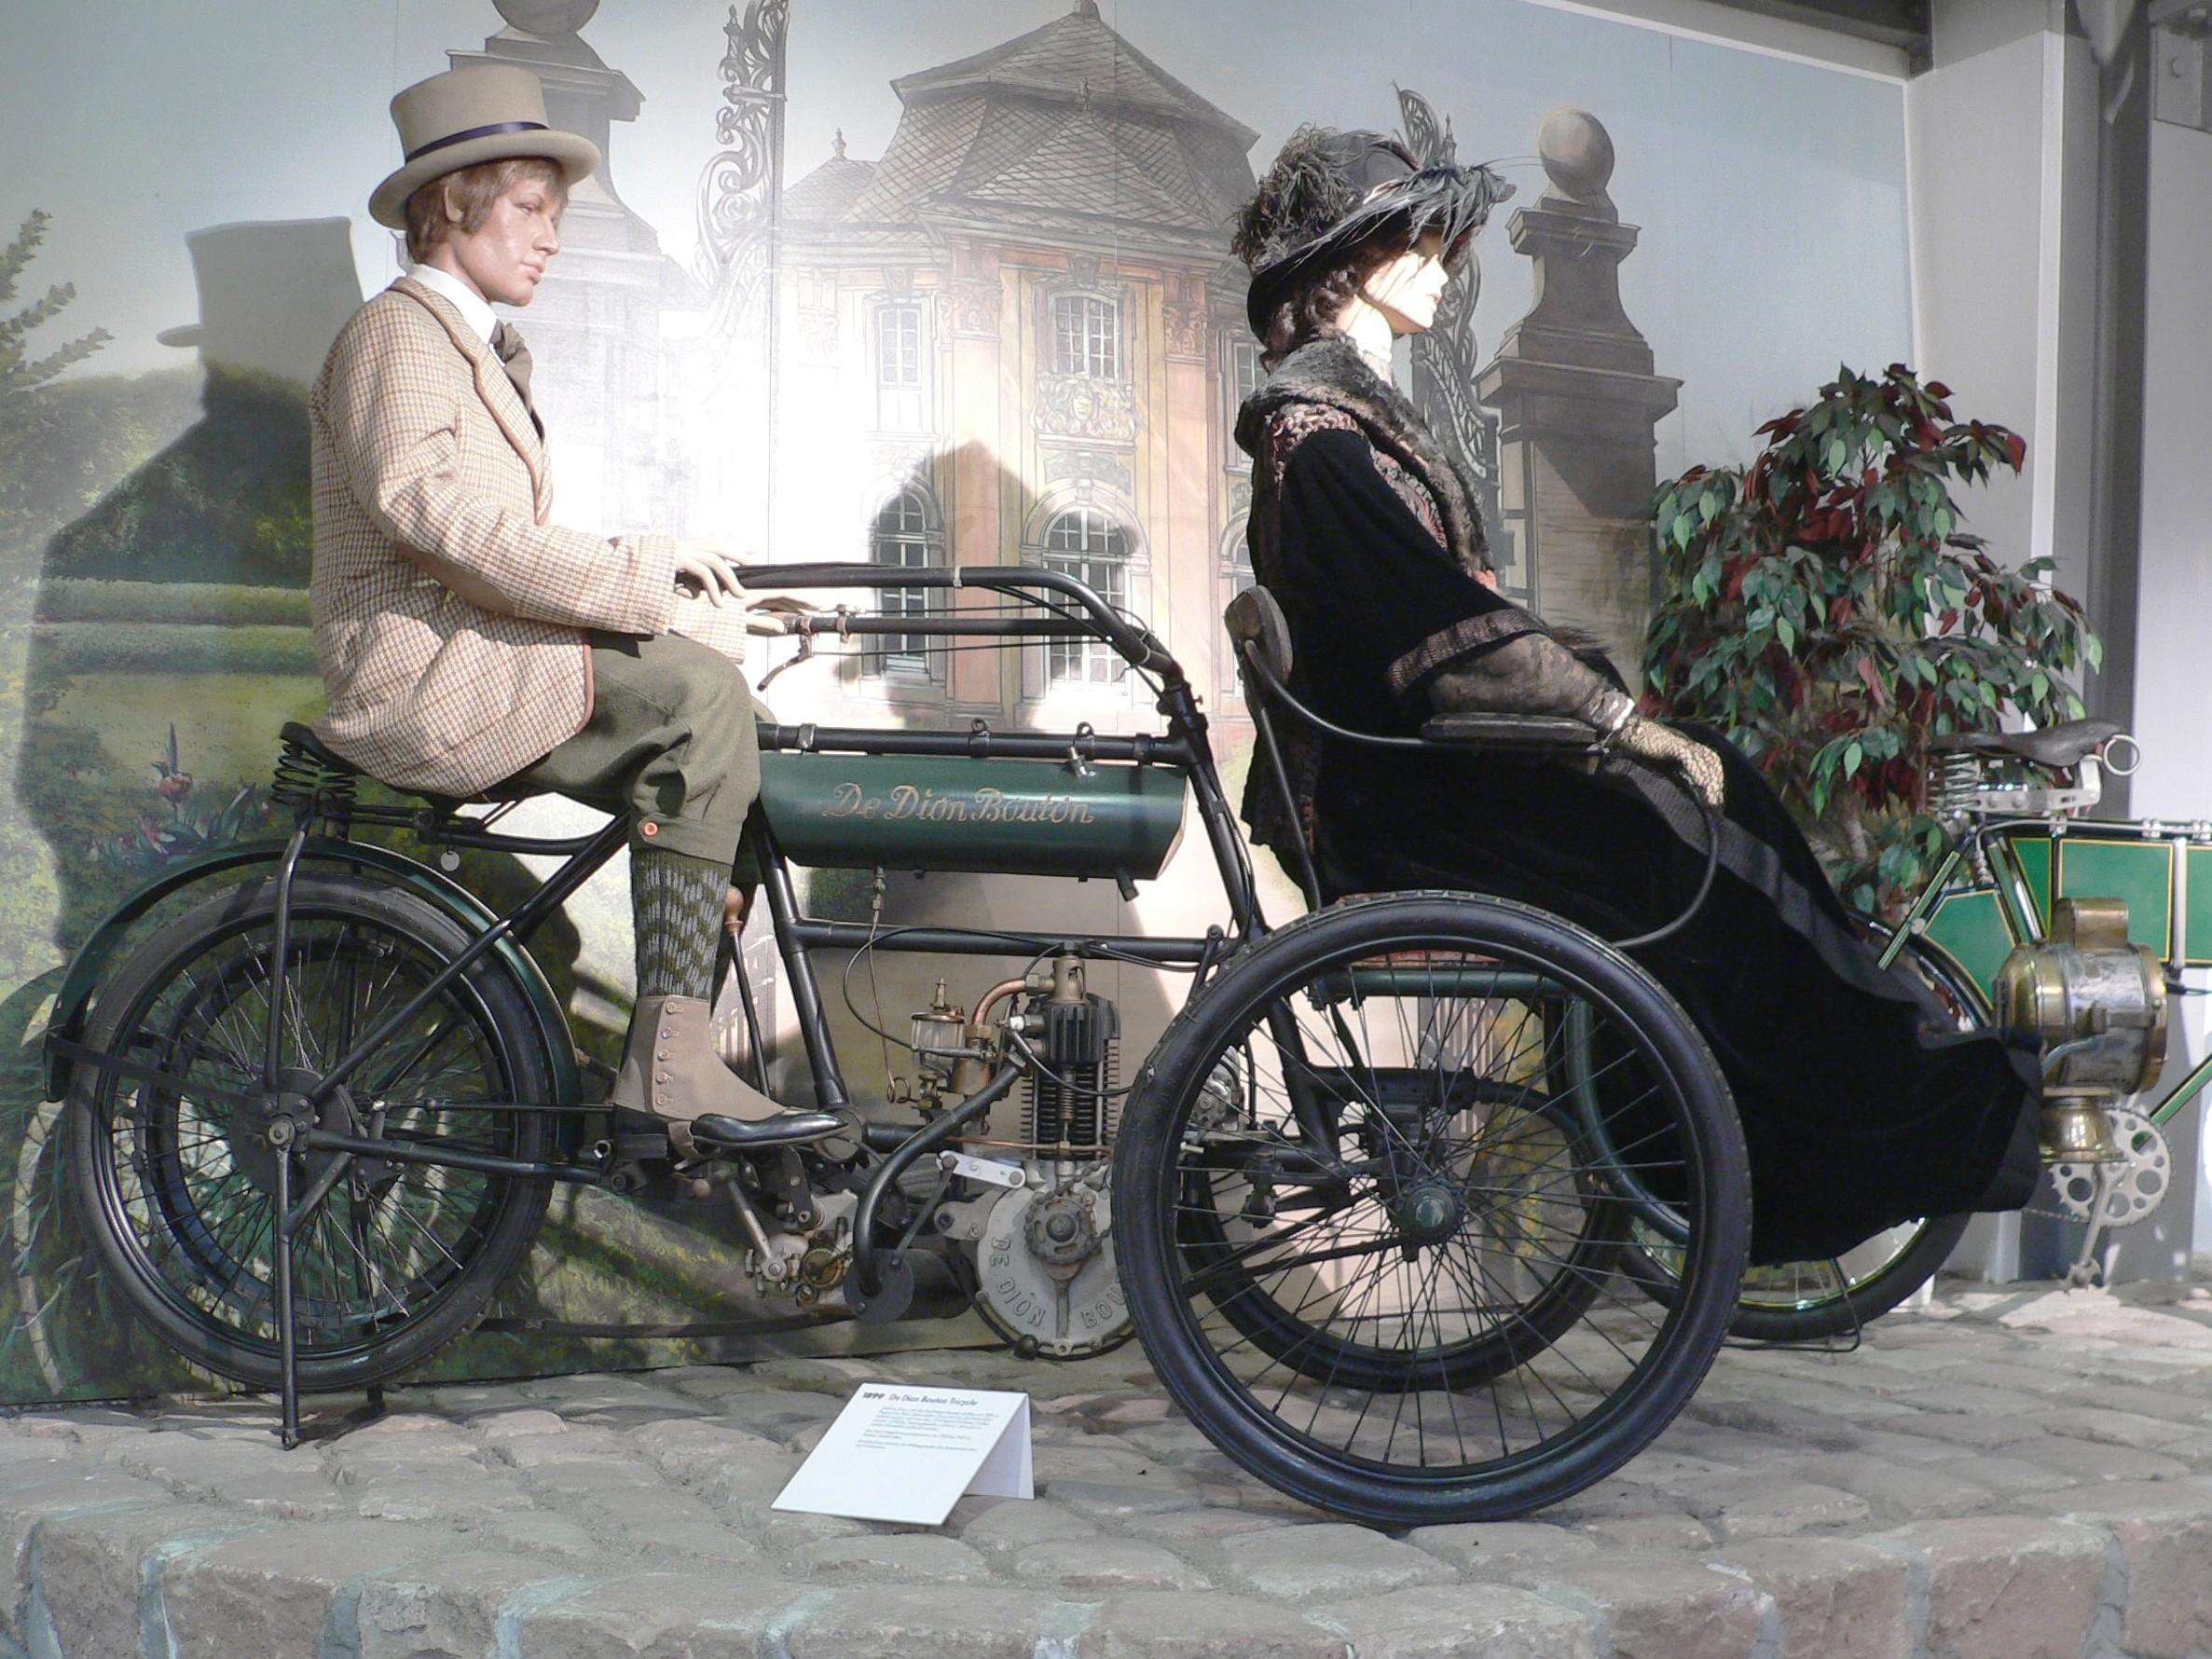 De Dion-Bouton-Vorsteckwagen (1899)